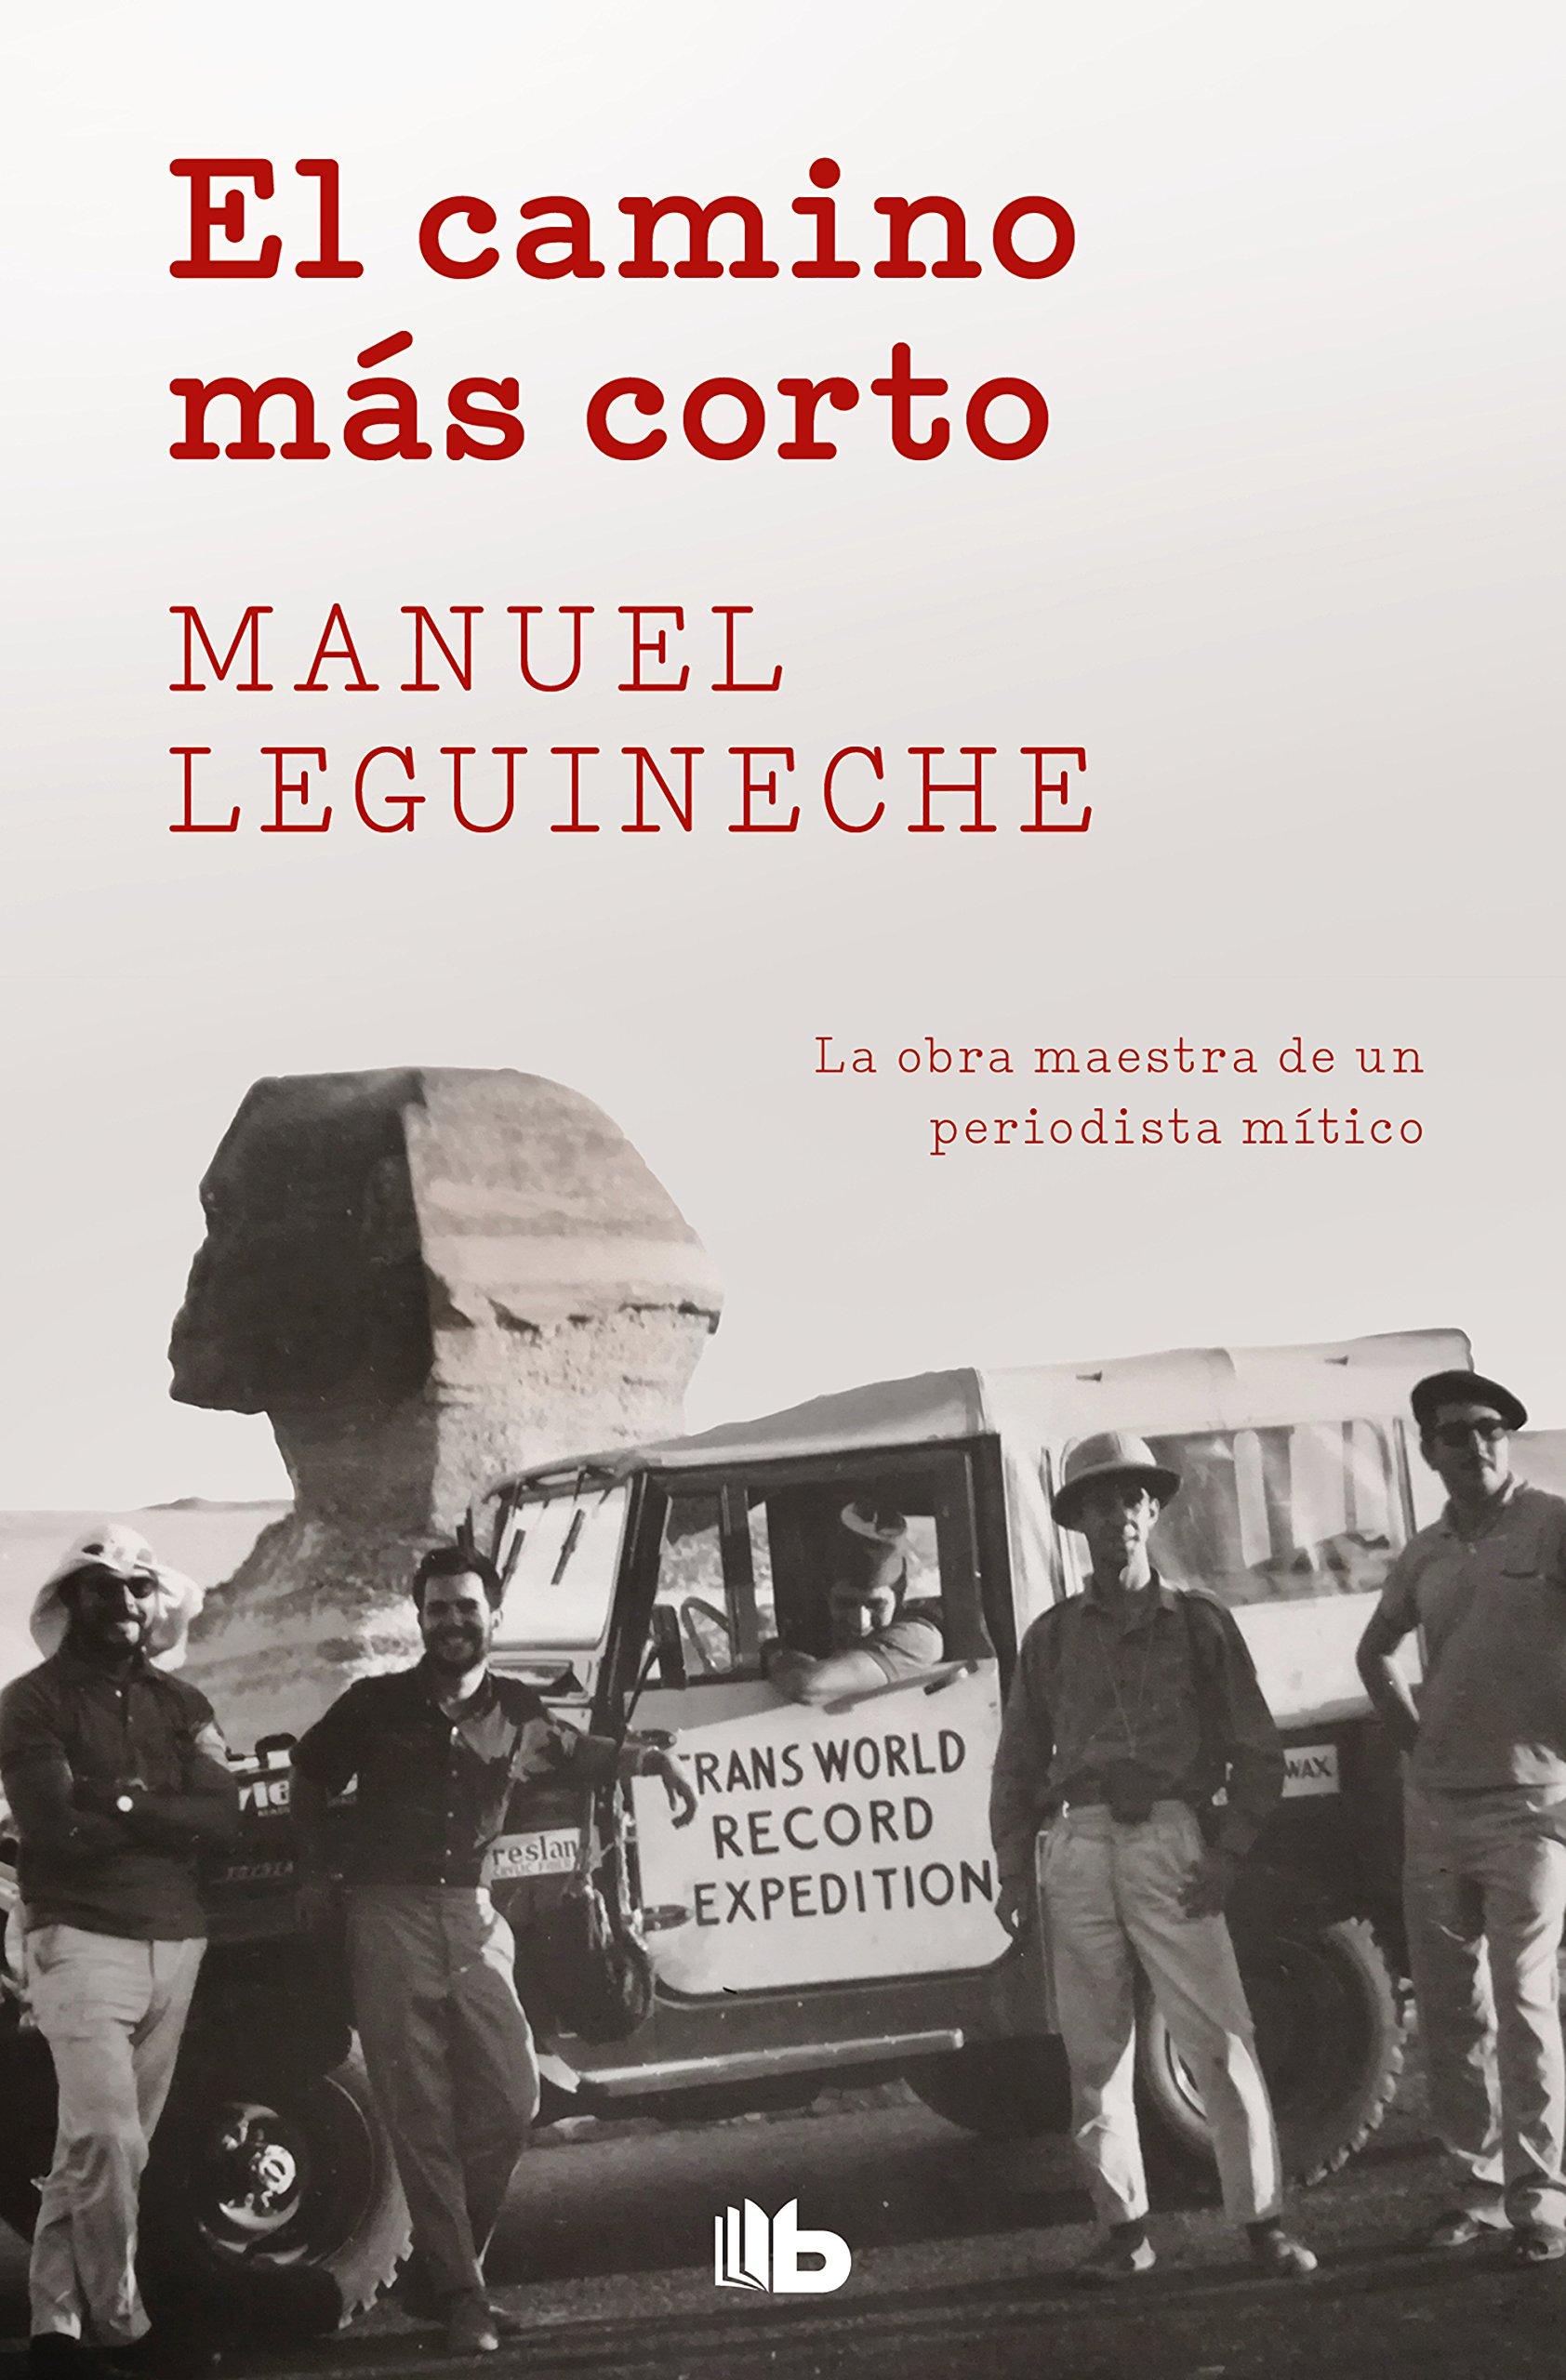 El camino más corto, de Manuel Leguineche. Libros de viaje.